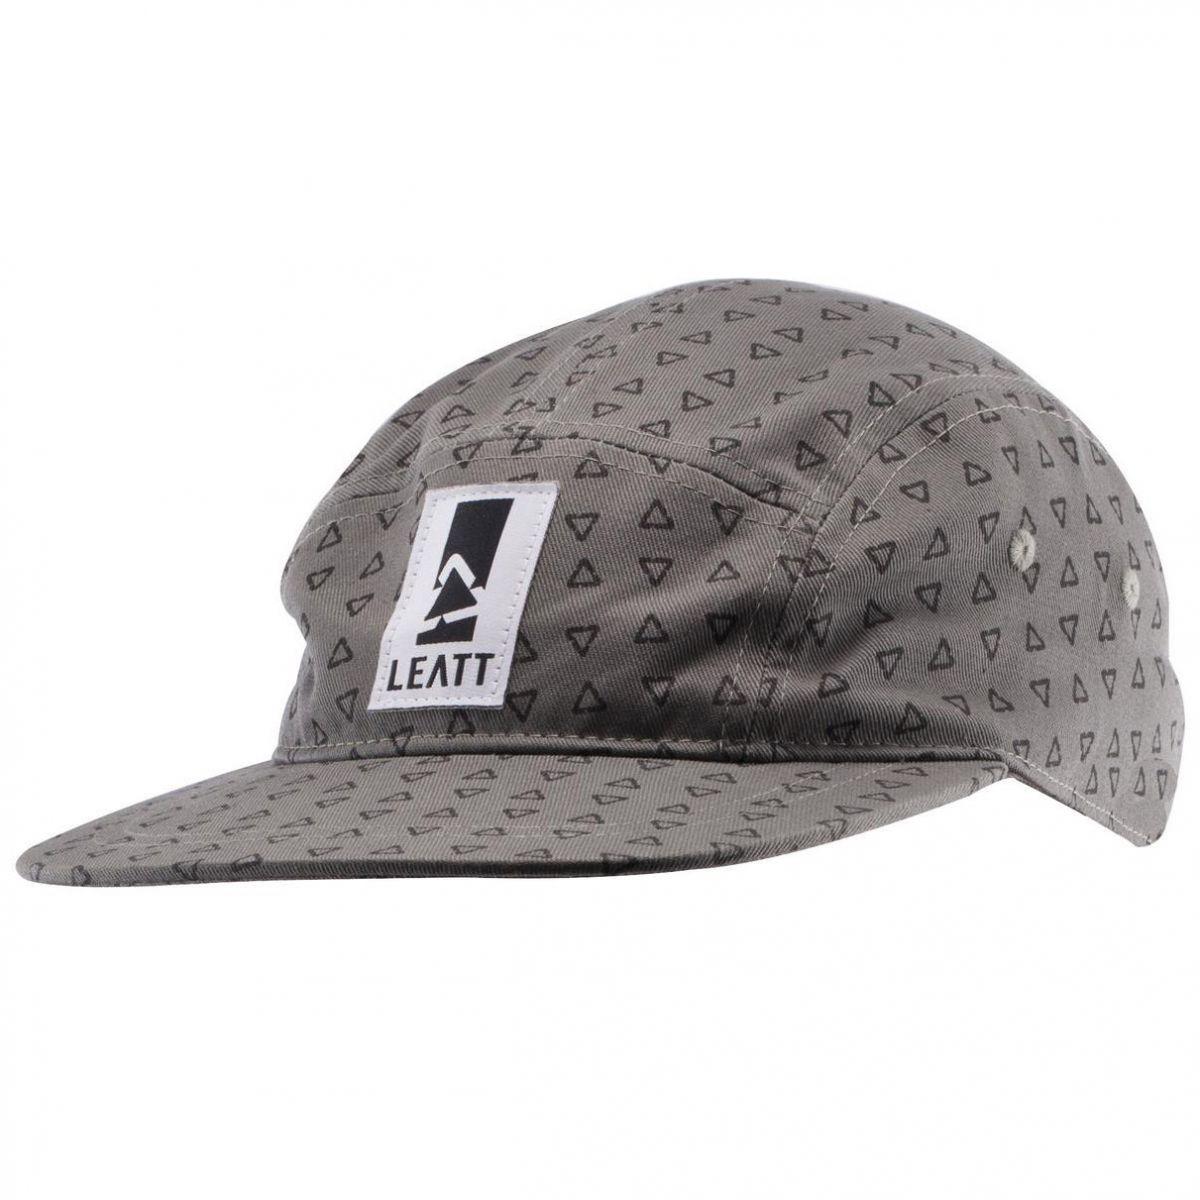 Leatt - 2017 Cap Camper бейсболка, черно-серая